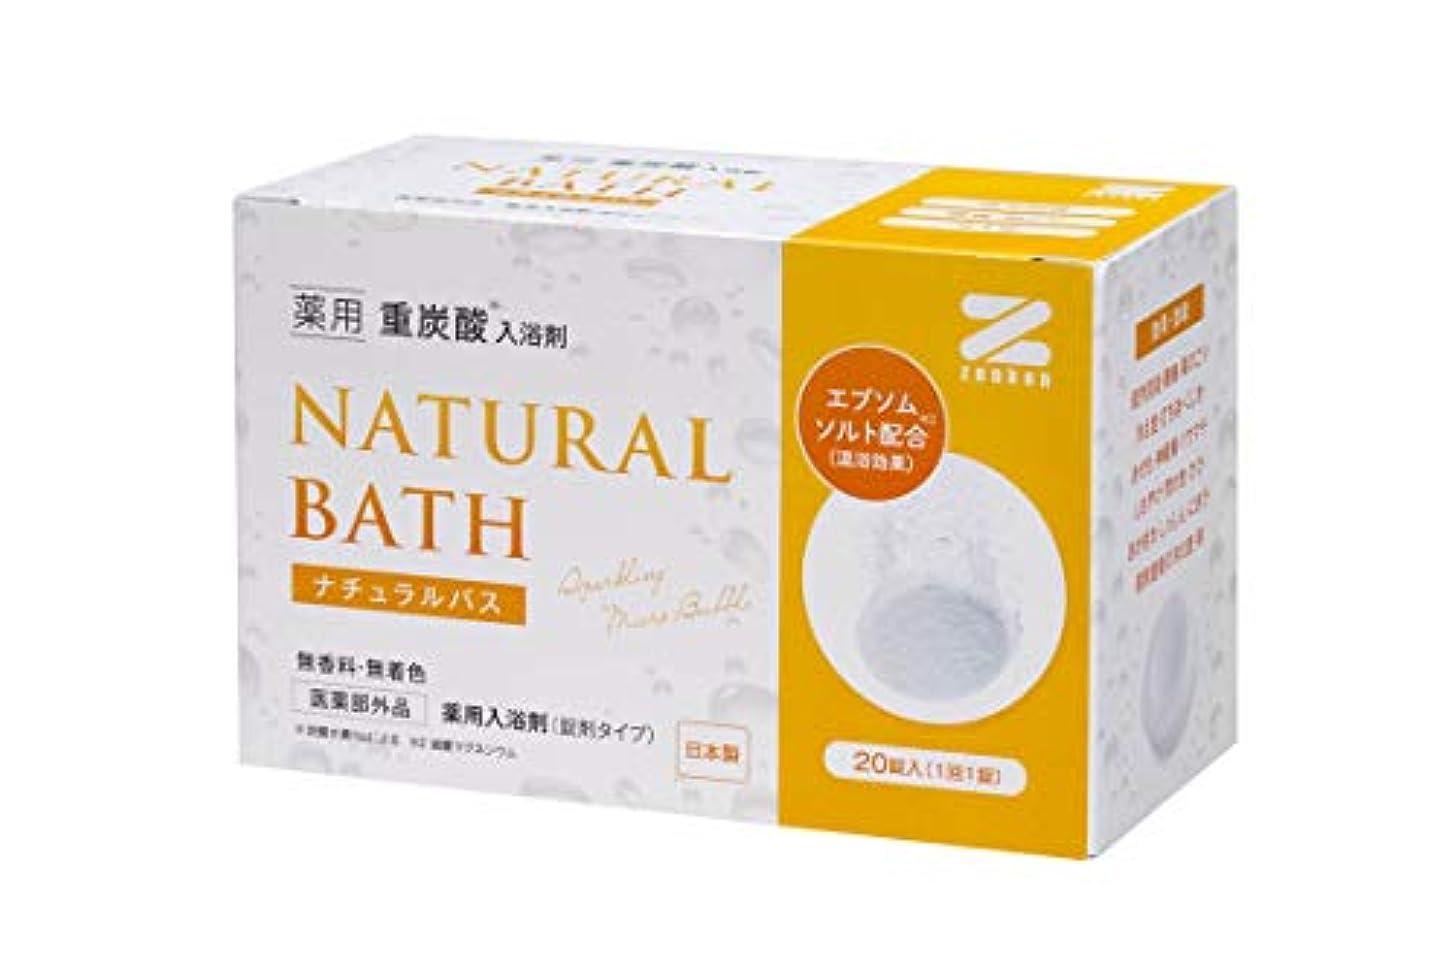 不快な拍車感覚薬用 重炭酸入浴剤 ナチュラルバス 20個入り ZNB-20